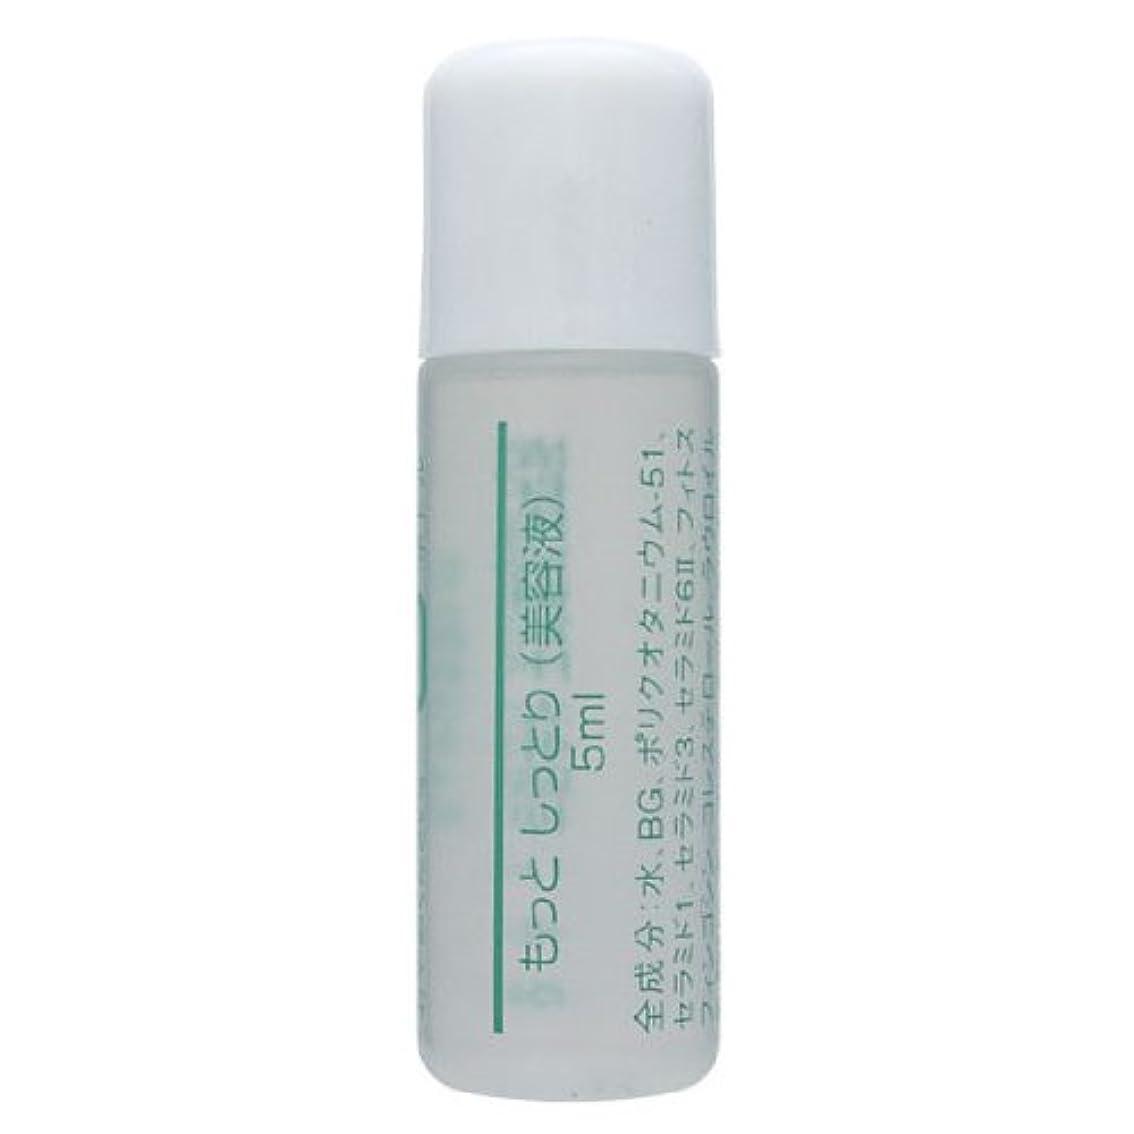 ガウンラテン環境に優しいゲルアンドゲル もっと しっとり美容液 (5ml×1本)